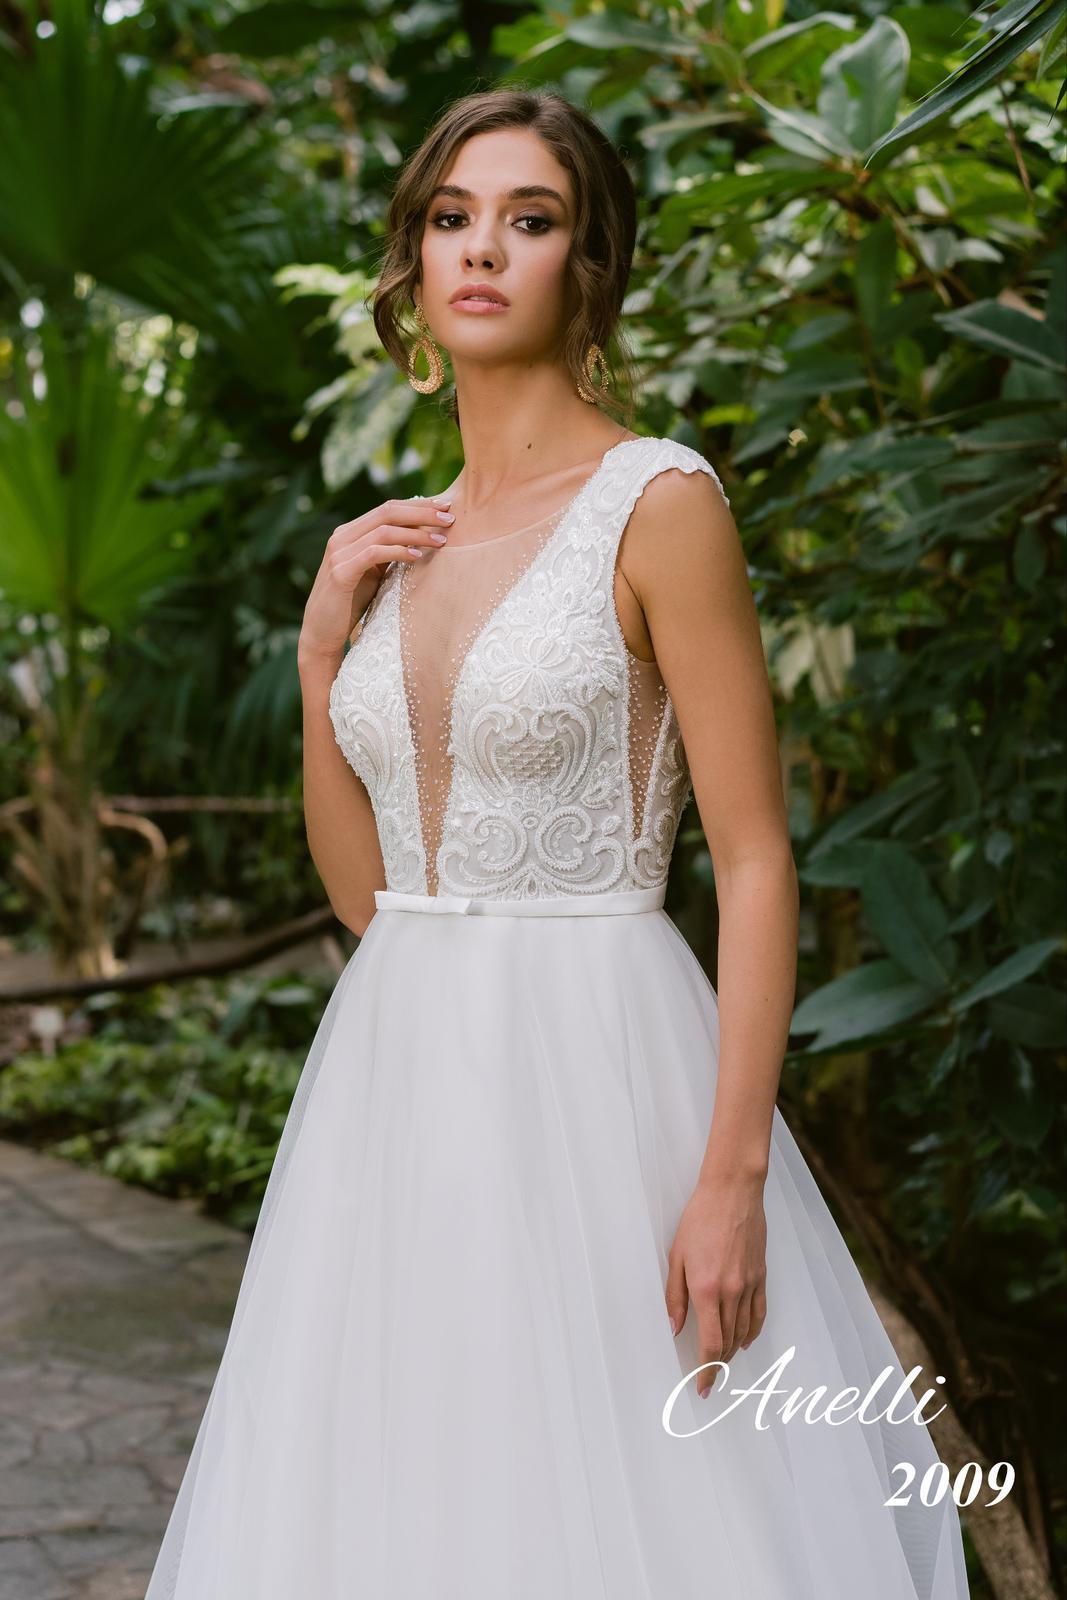 Svadobné šaty - Breeze 2009 - Obrázok č. 1